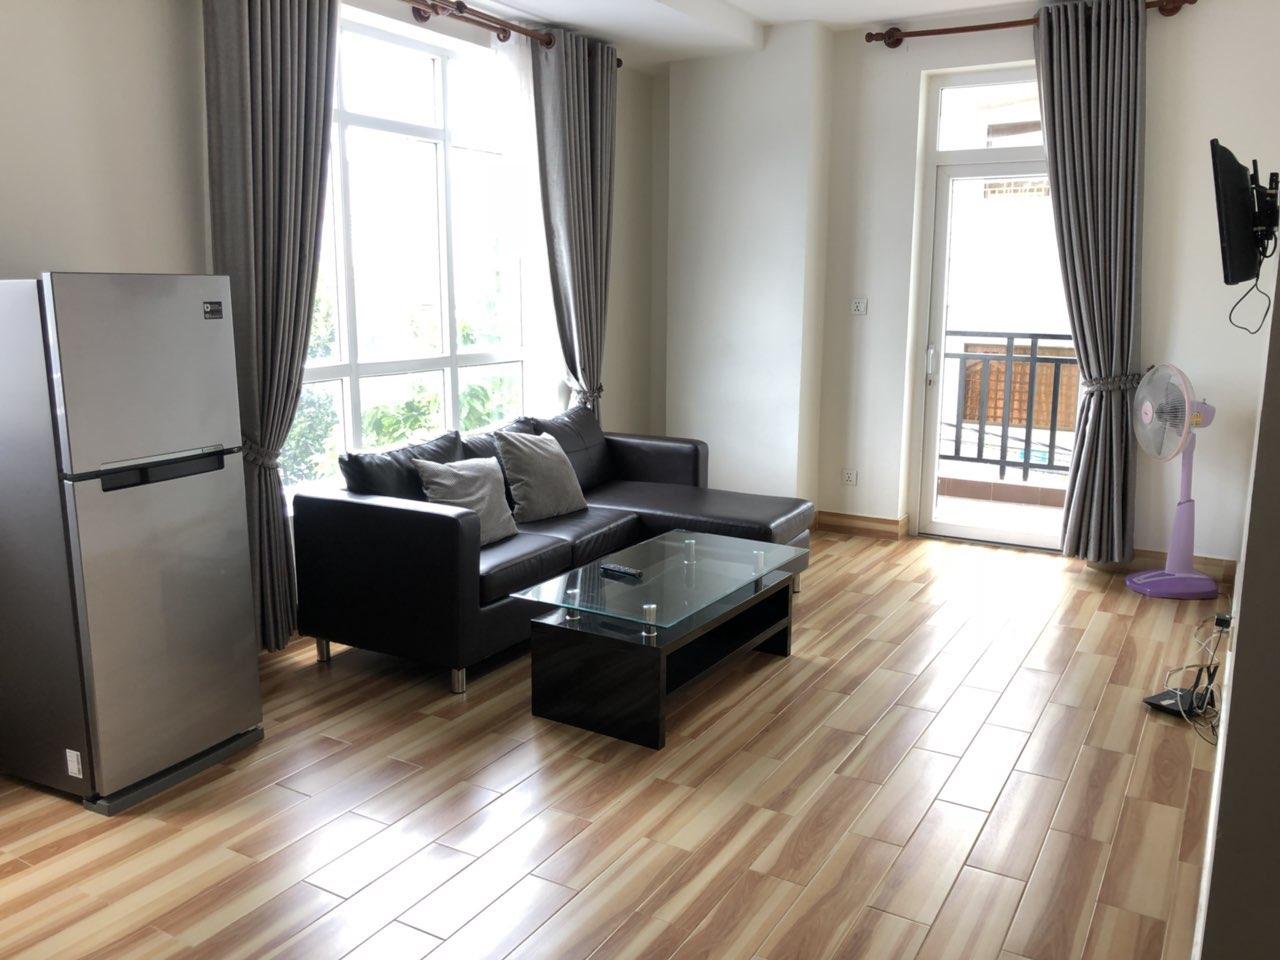 公寓 白色河分区 靠近永旺、金界 2房